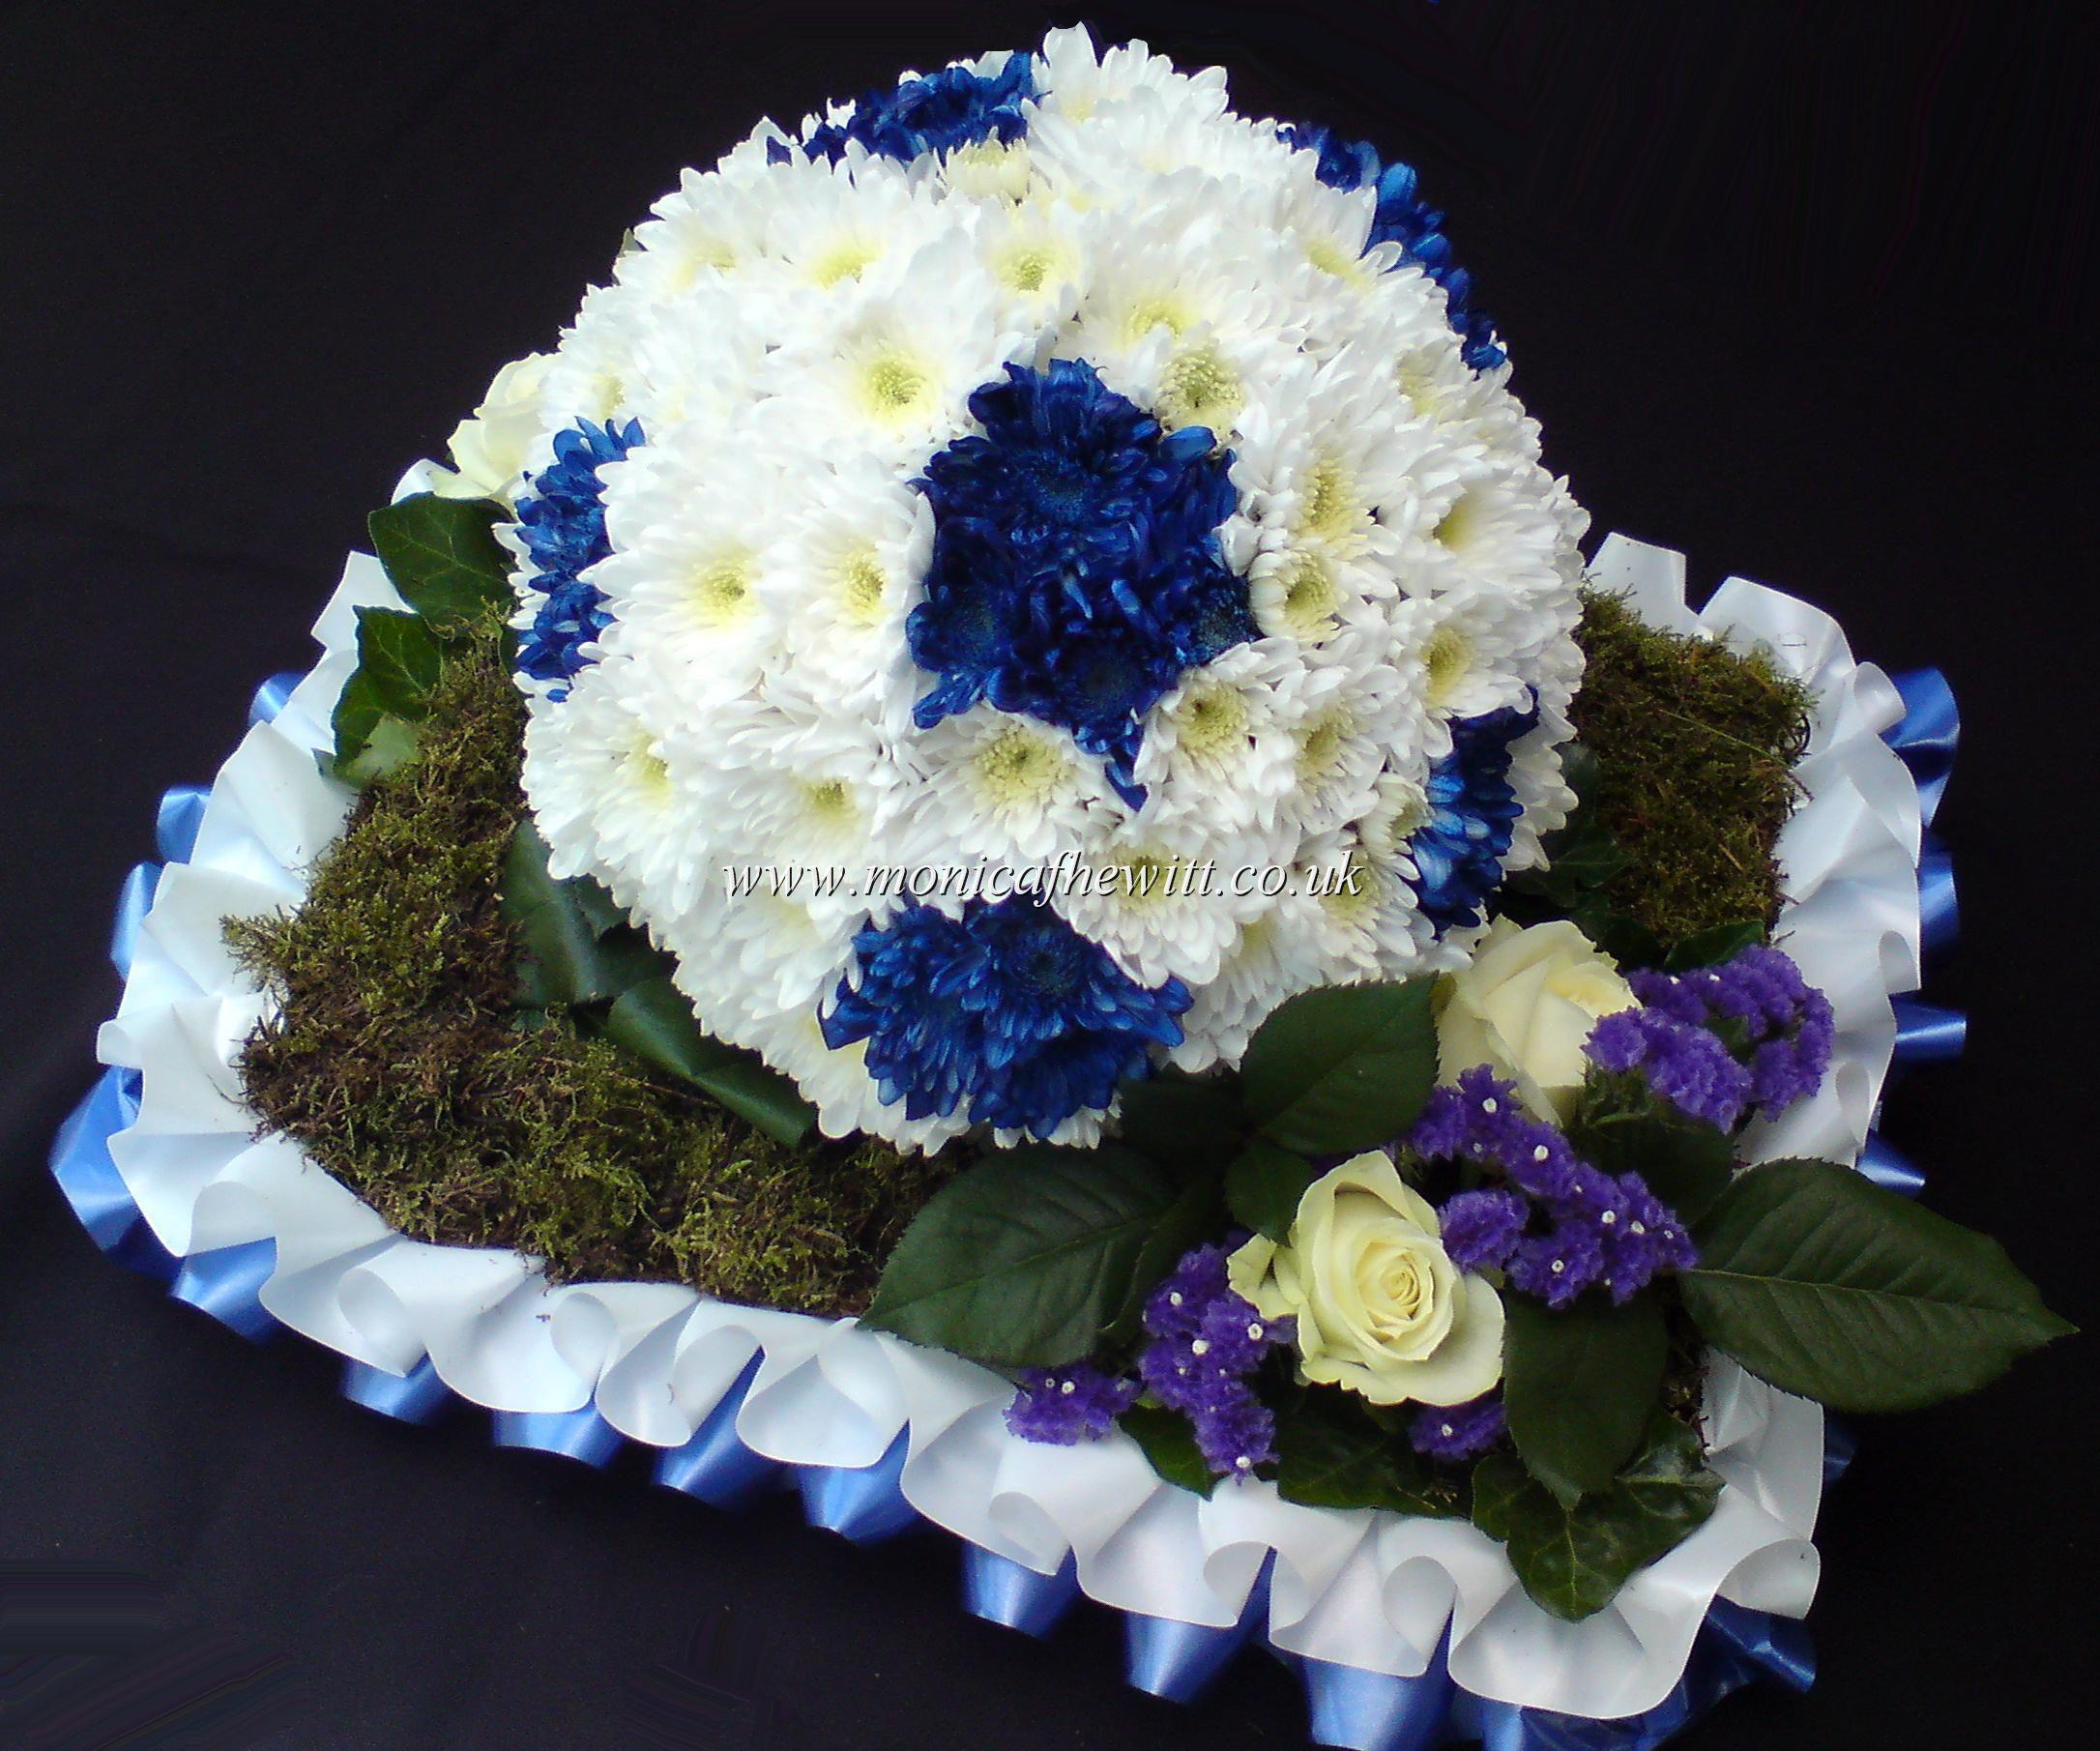 Football funeral flowers monica f hewitt florist sheffield decor football funeral flowers monica f hewitt florist sheffield izmirmasajfo Images